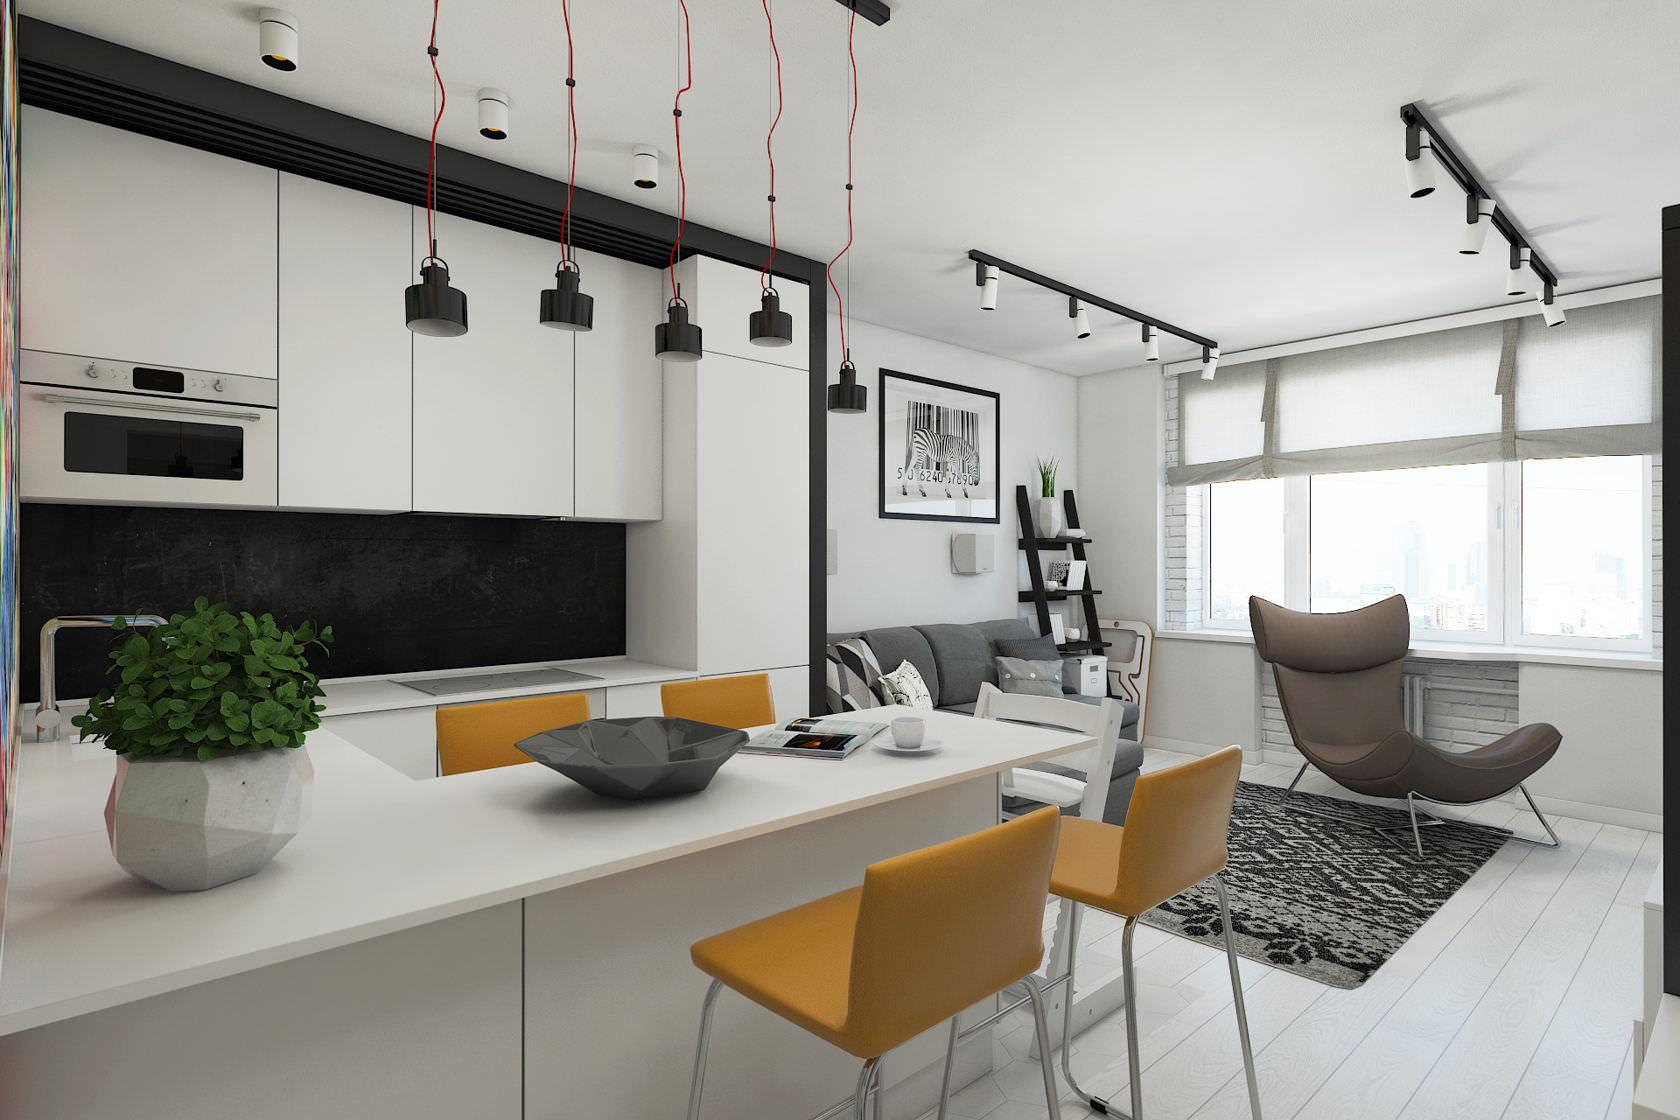 sazdavane-na-dinamichen-i-vedar-interior-v-dvustaen-apartament-60-m-3g